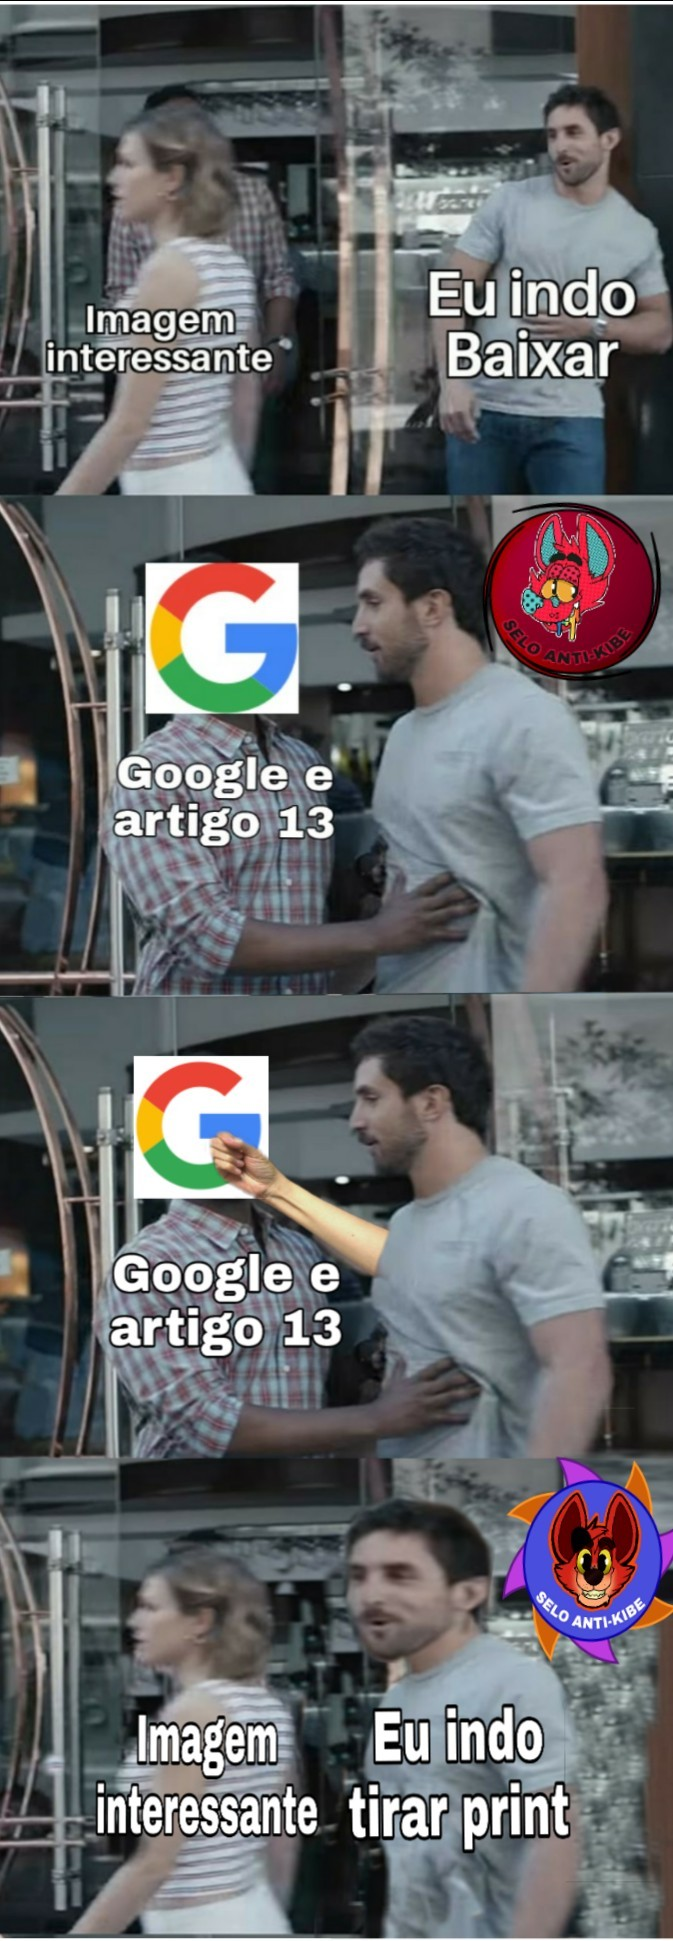 Antes que alguem pergunte é pq algumas imagens do google no celular não estão aparecendo a opção de download seu internaltas - meme